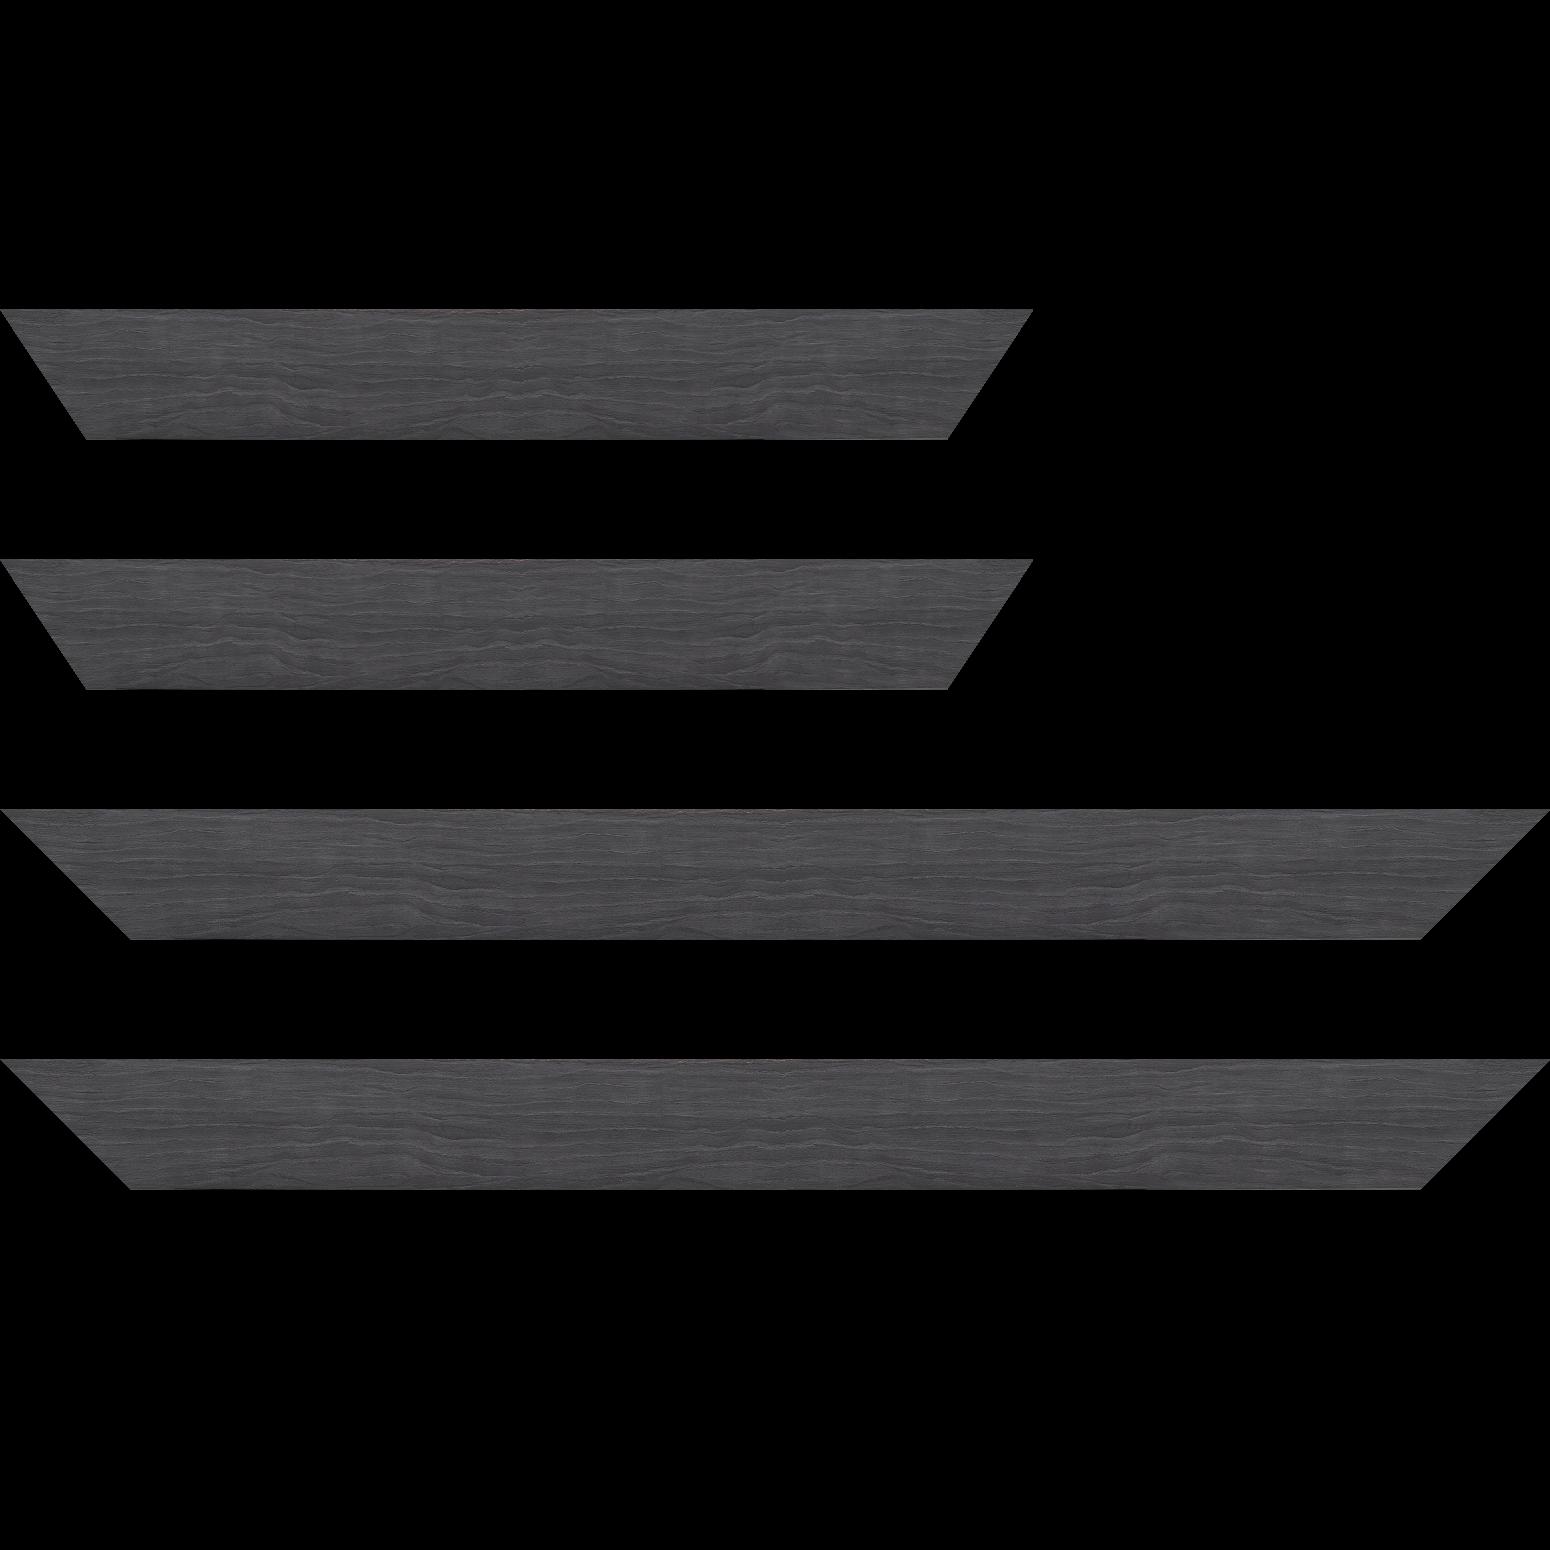 Baguette service précoupé Bois profil plat largeur 4.2cm décor bois noir ébène